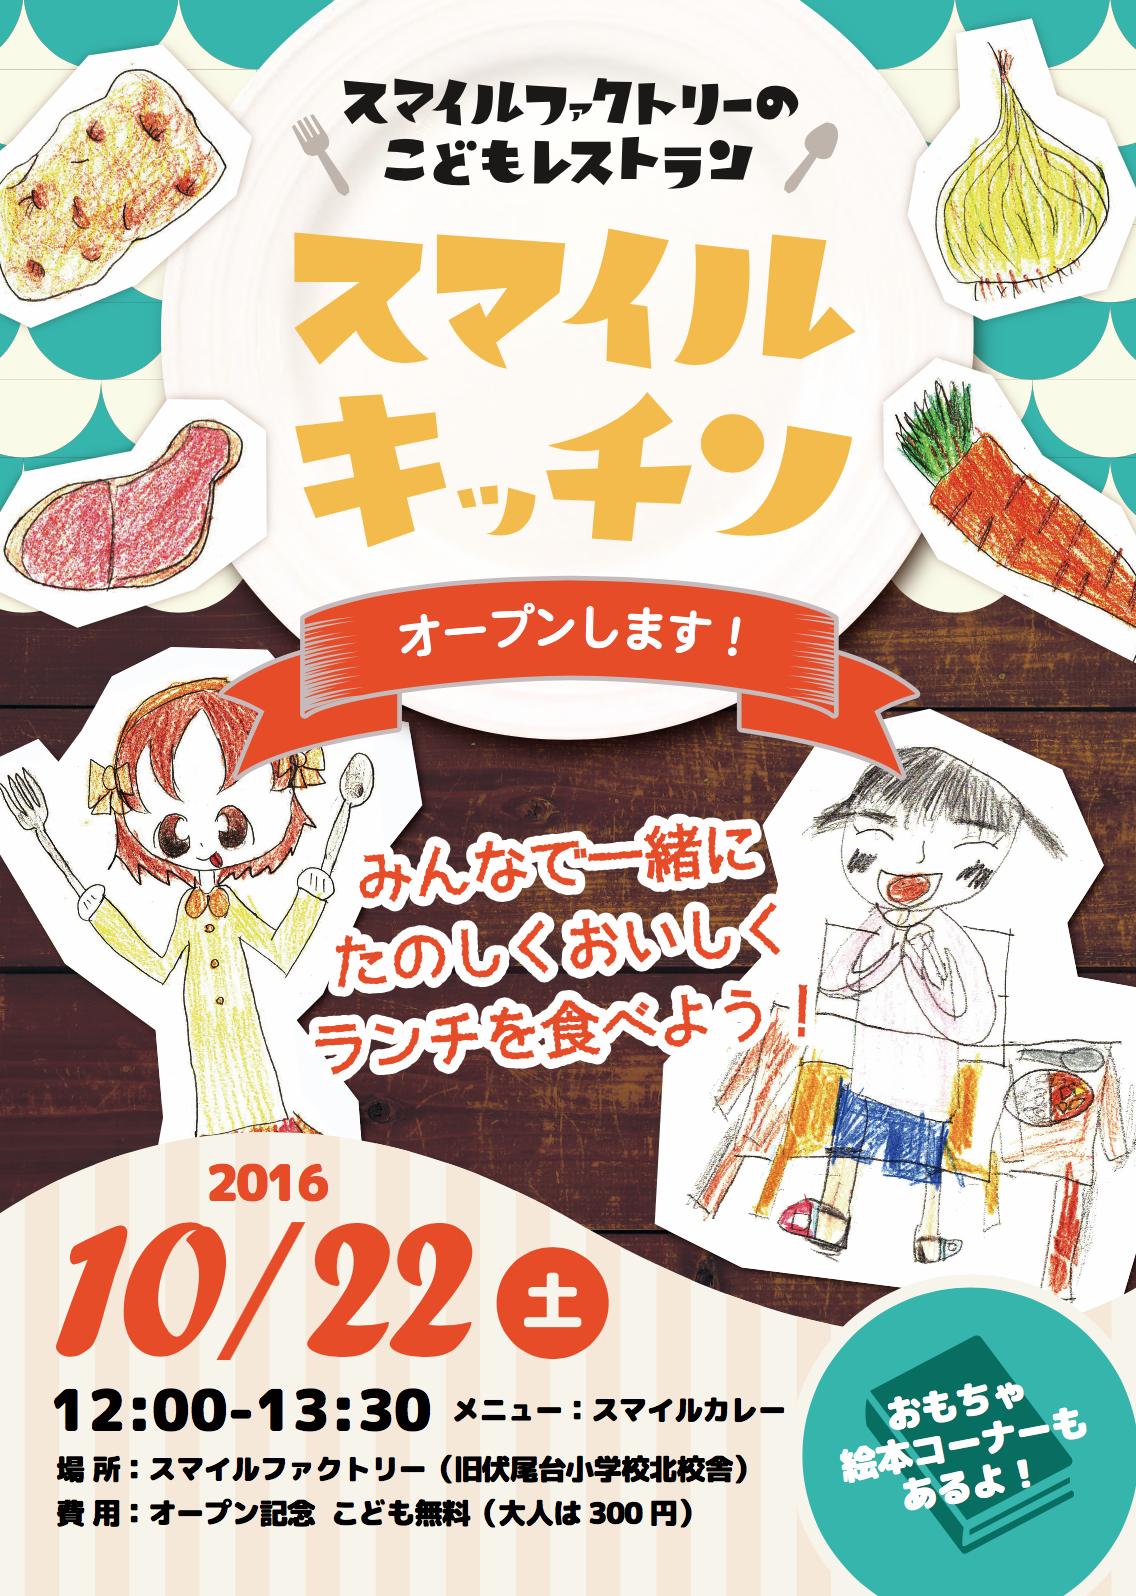 【10月22日(土)】旧伏尾台小学校北校舎で、こどもレストラン『スマイルキッチン』がオープンするみたい♪